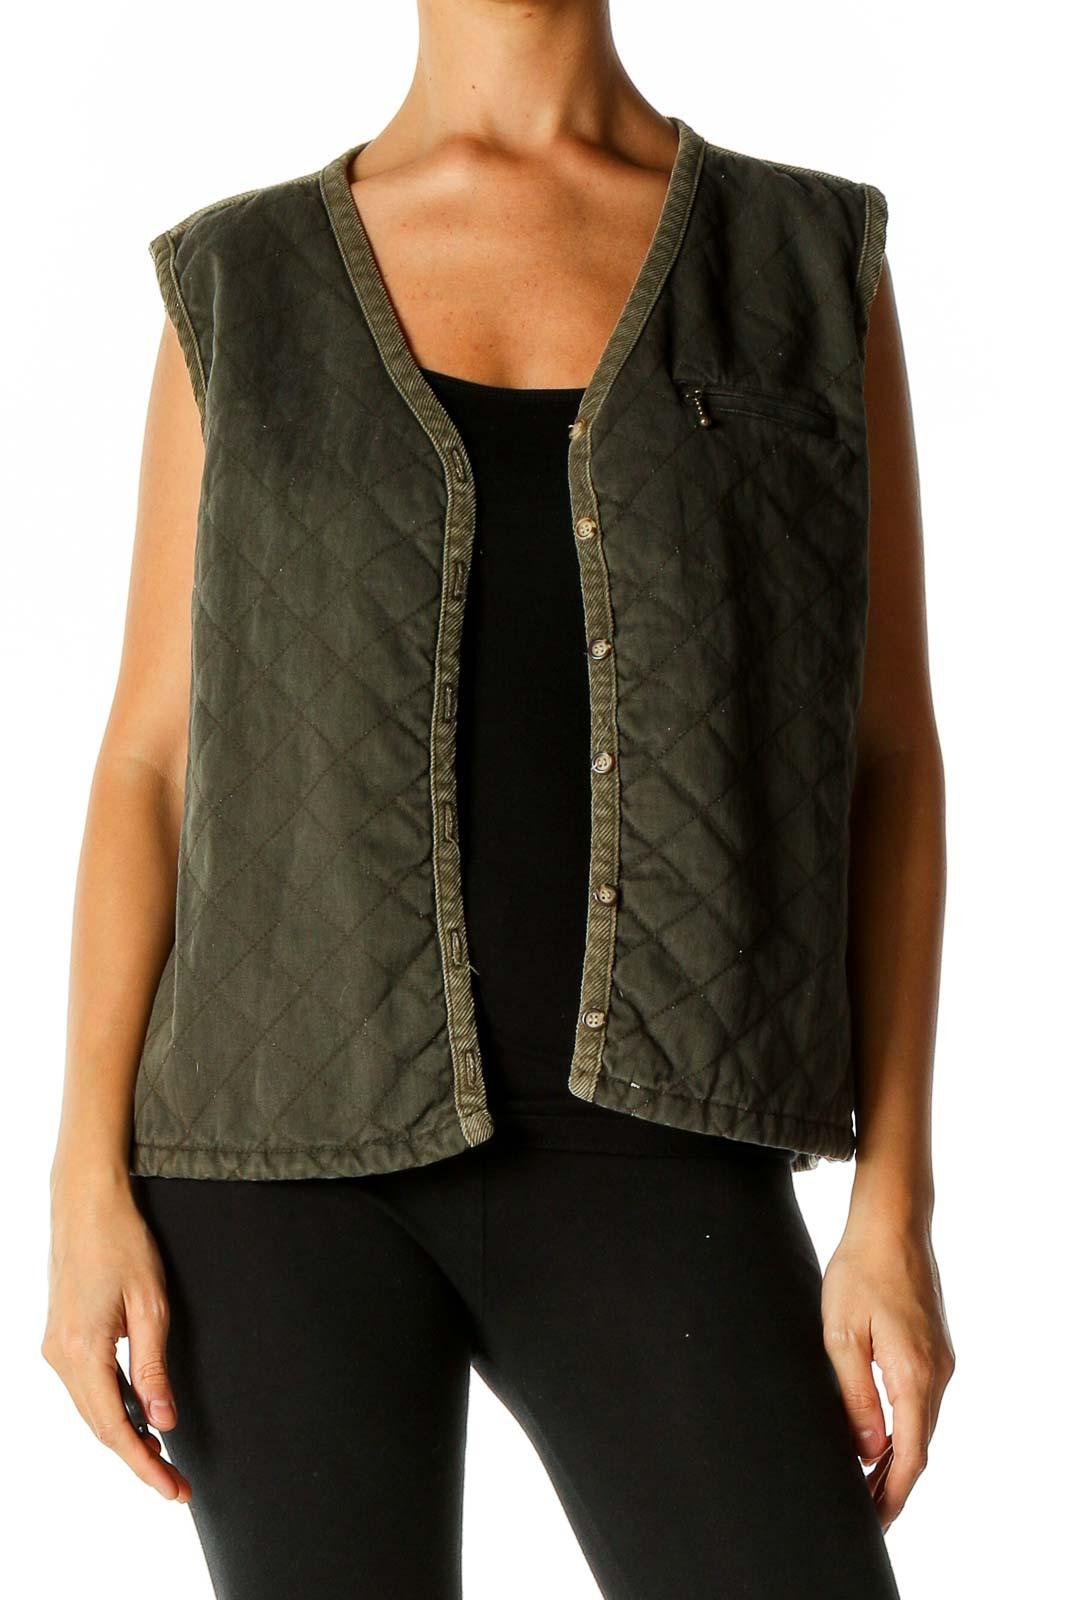 Green Vest Jacket Front